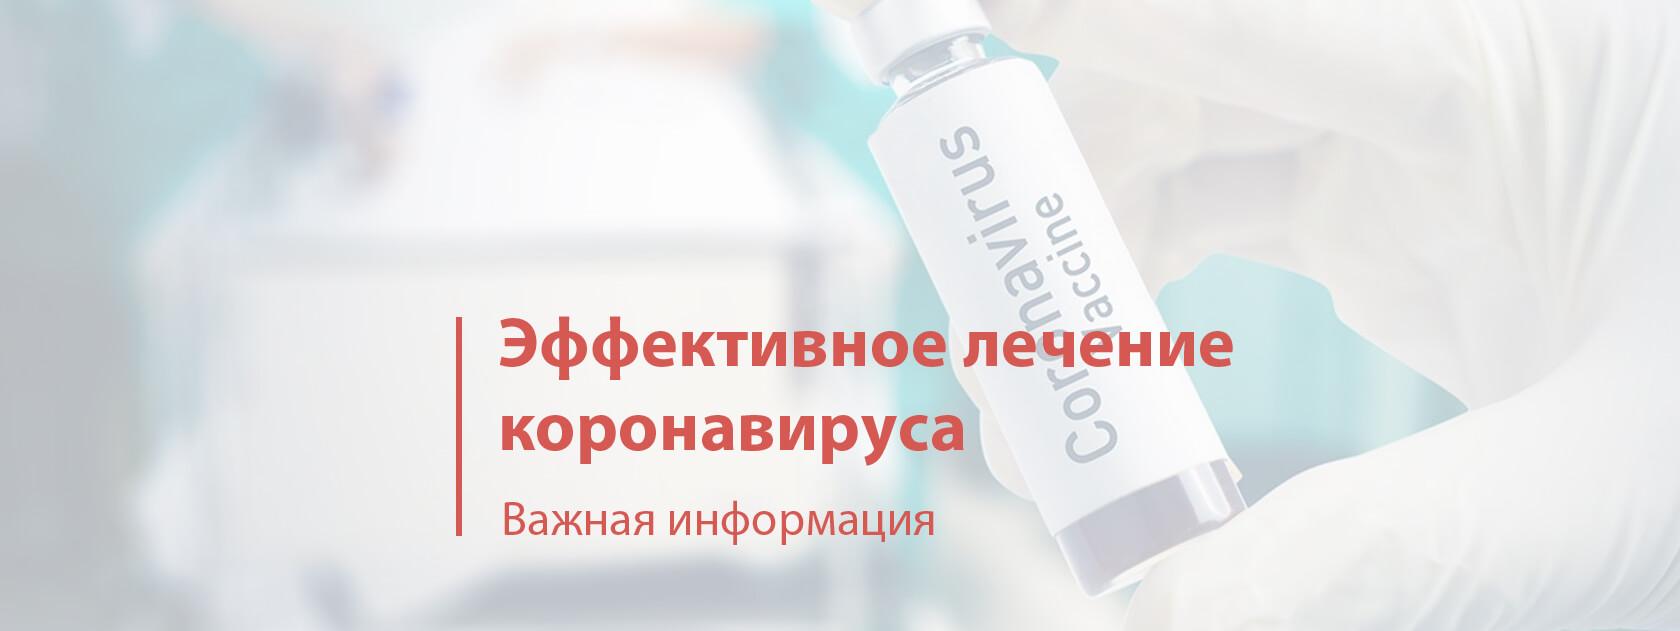 эффективное лечение коронавируса